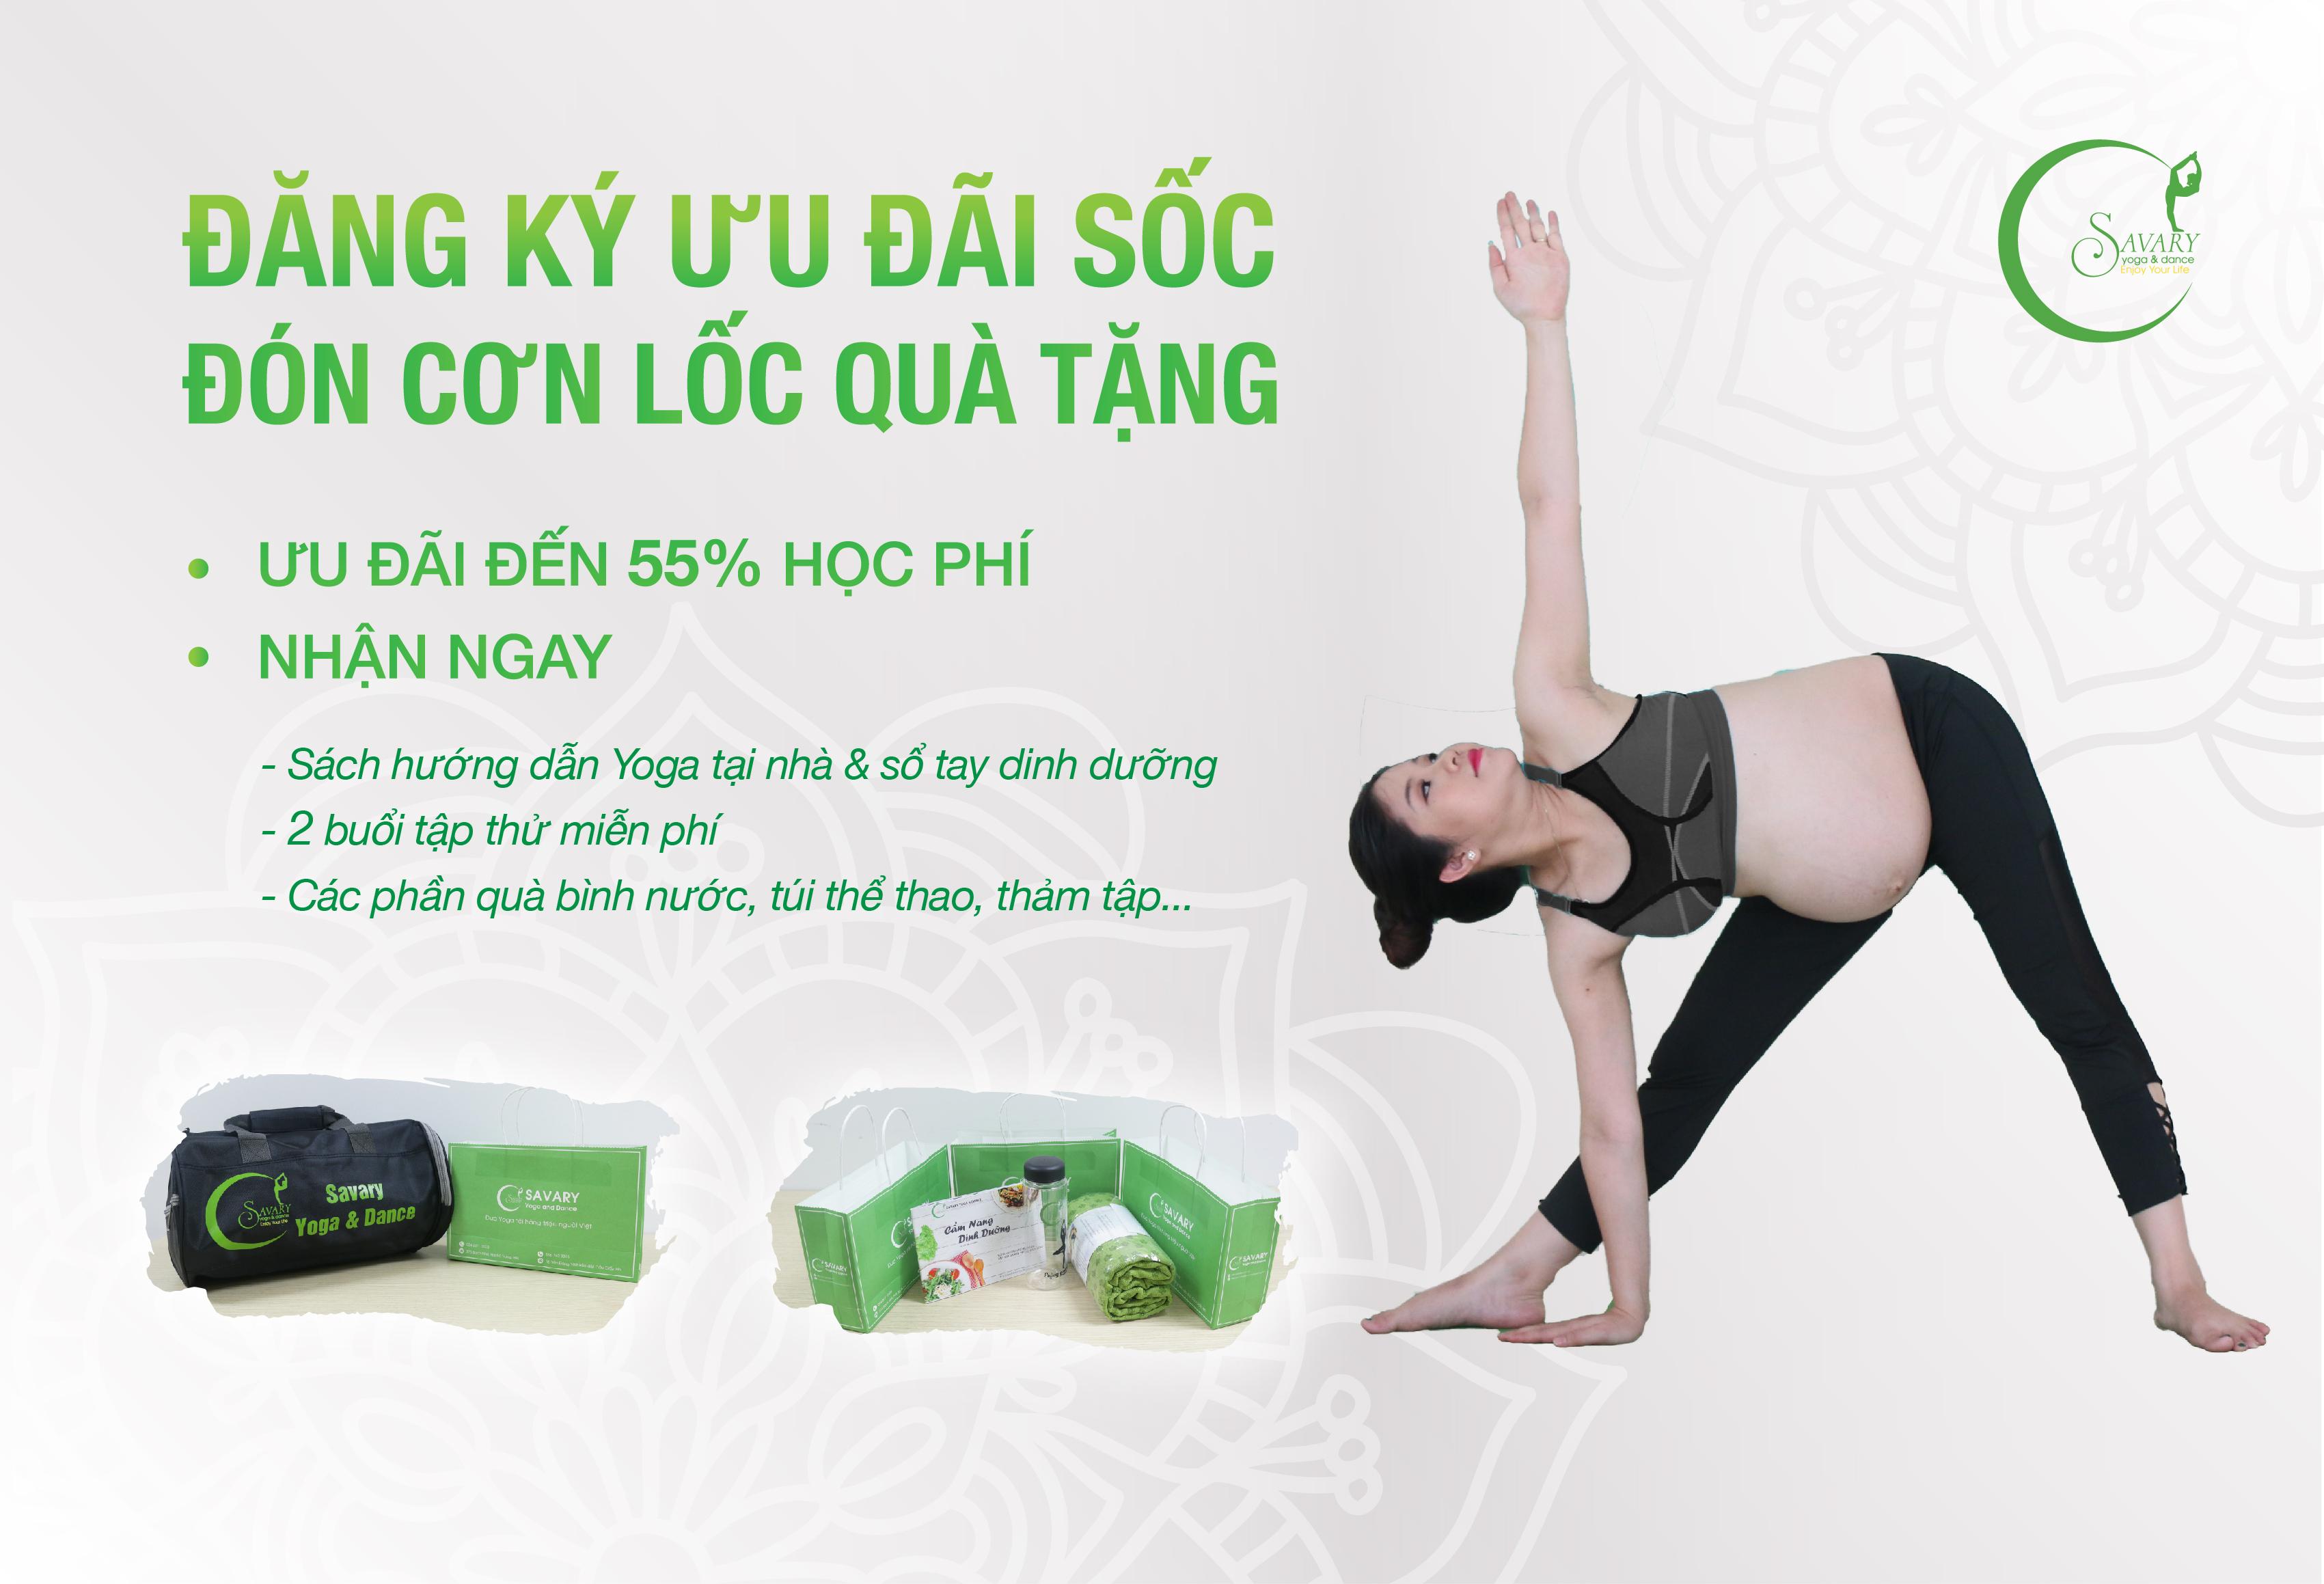 Savary Yoga ưu đãi khoá học